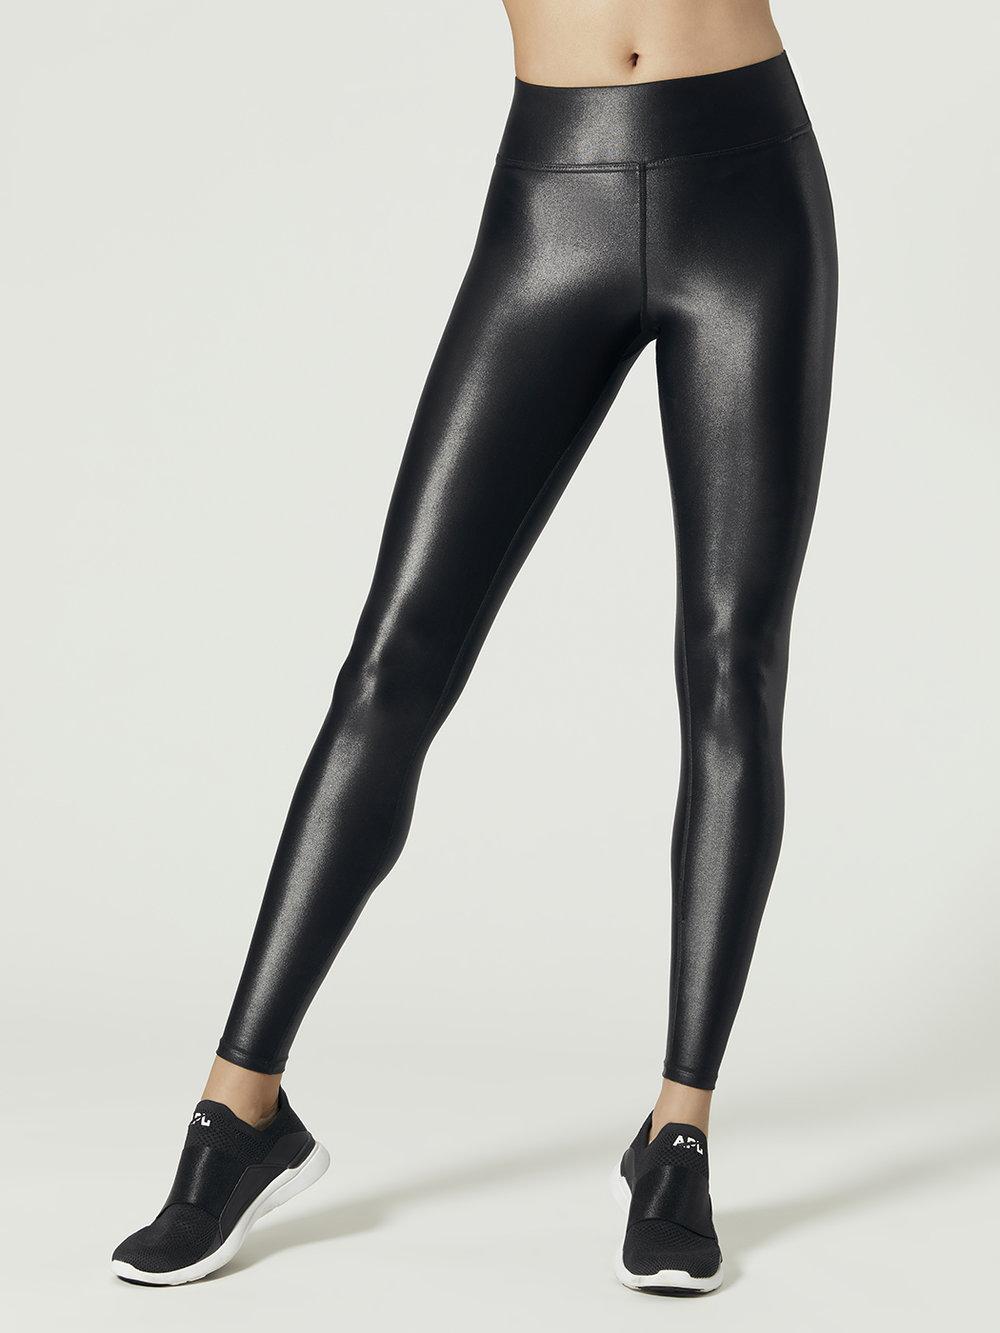 1-carbon38-takara-leggings-bottoms-black.jpg